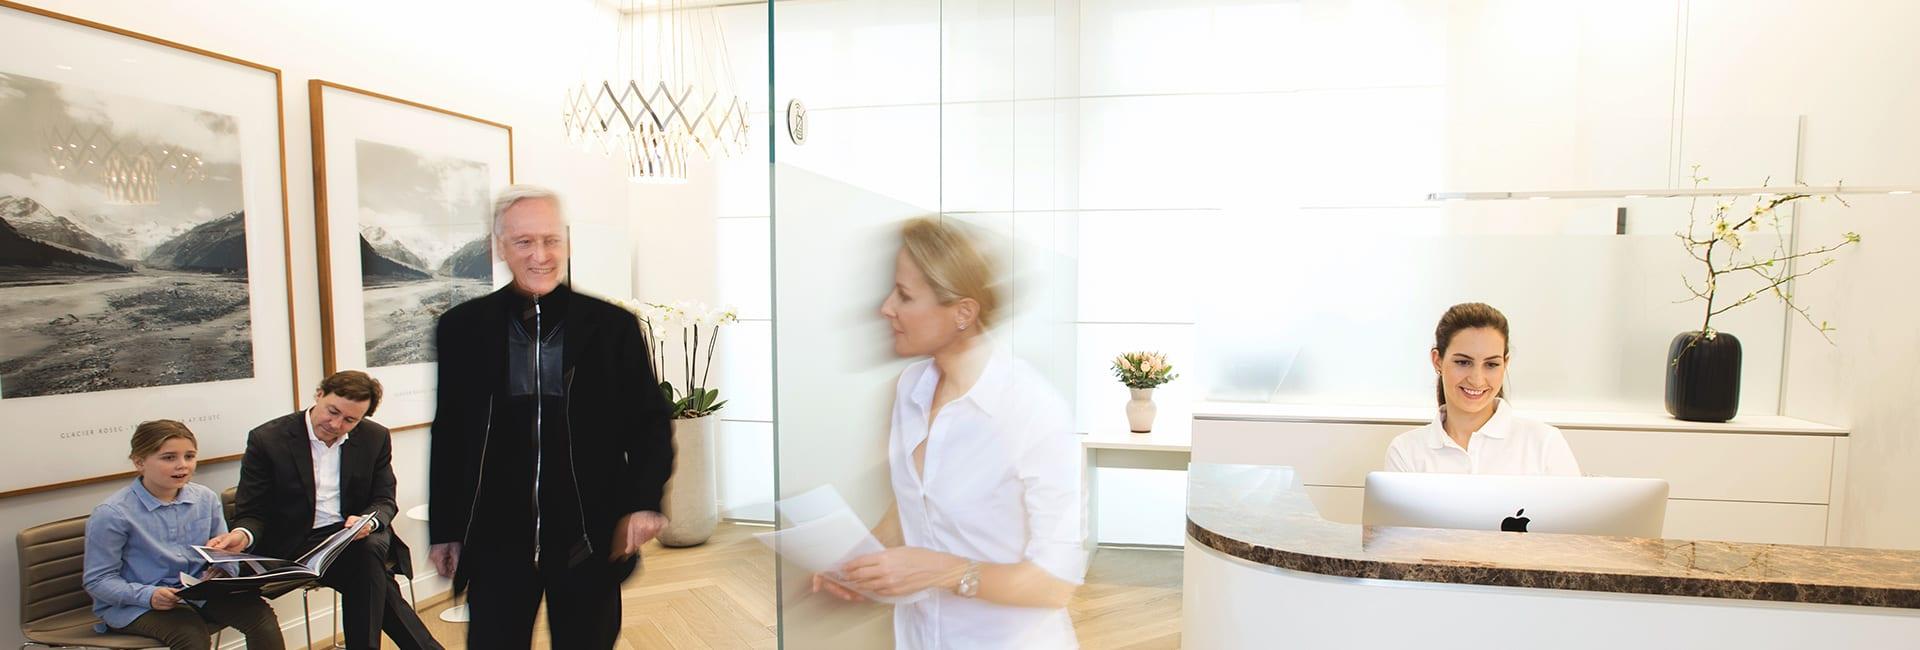 Frau Dr. Astrid Irmisch empfängt einen Patienten